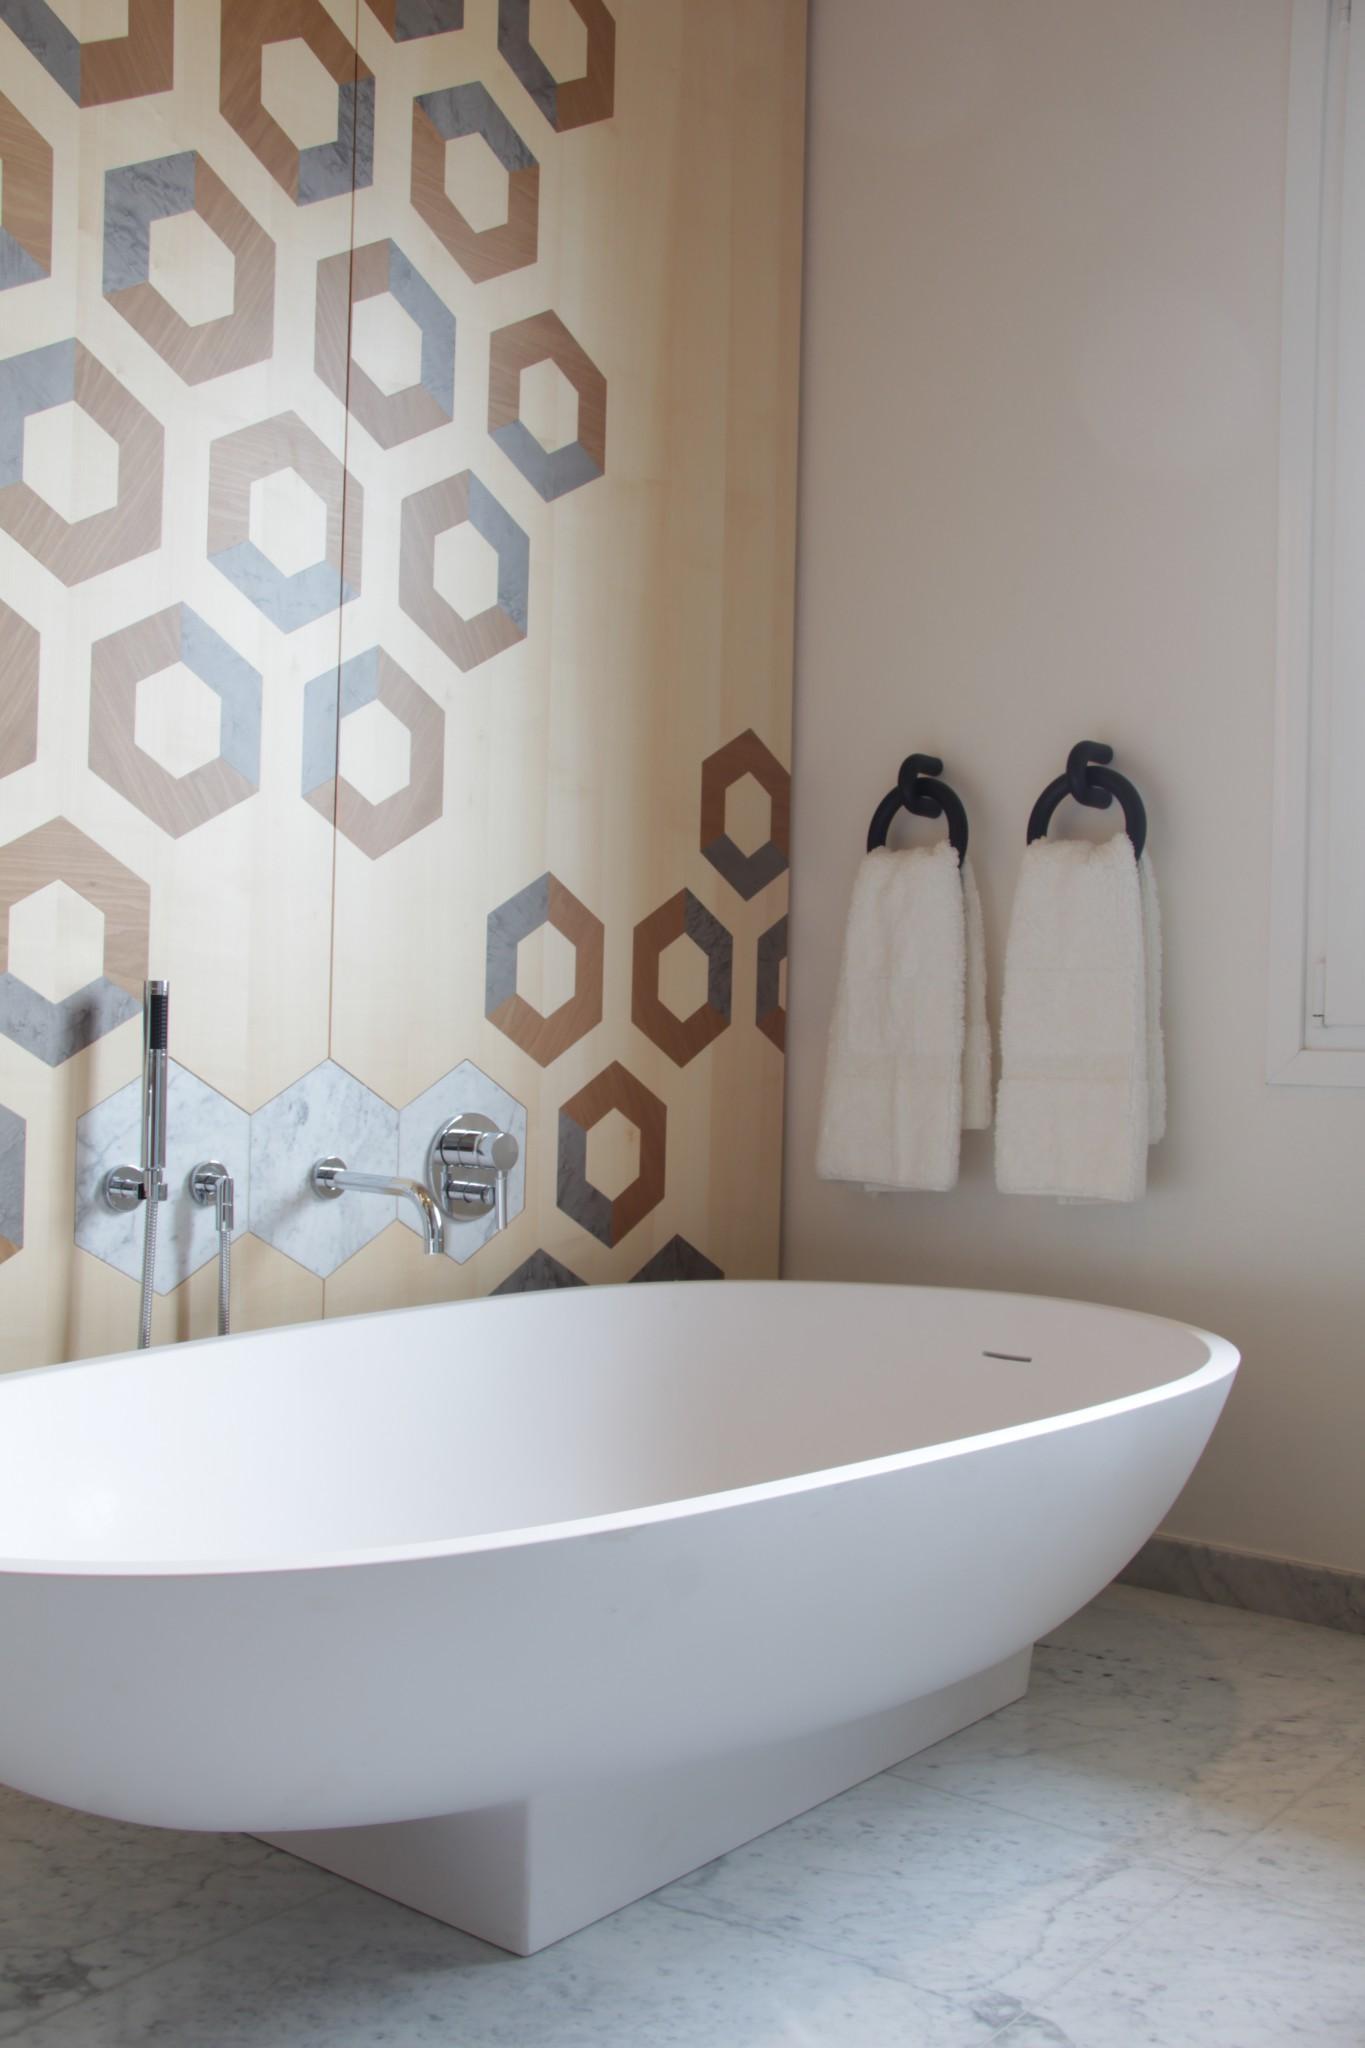 Rivestimento in marmo per bagno in casa privata (Marmi Valmalenco)